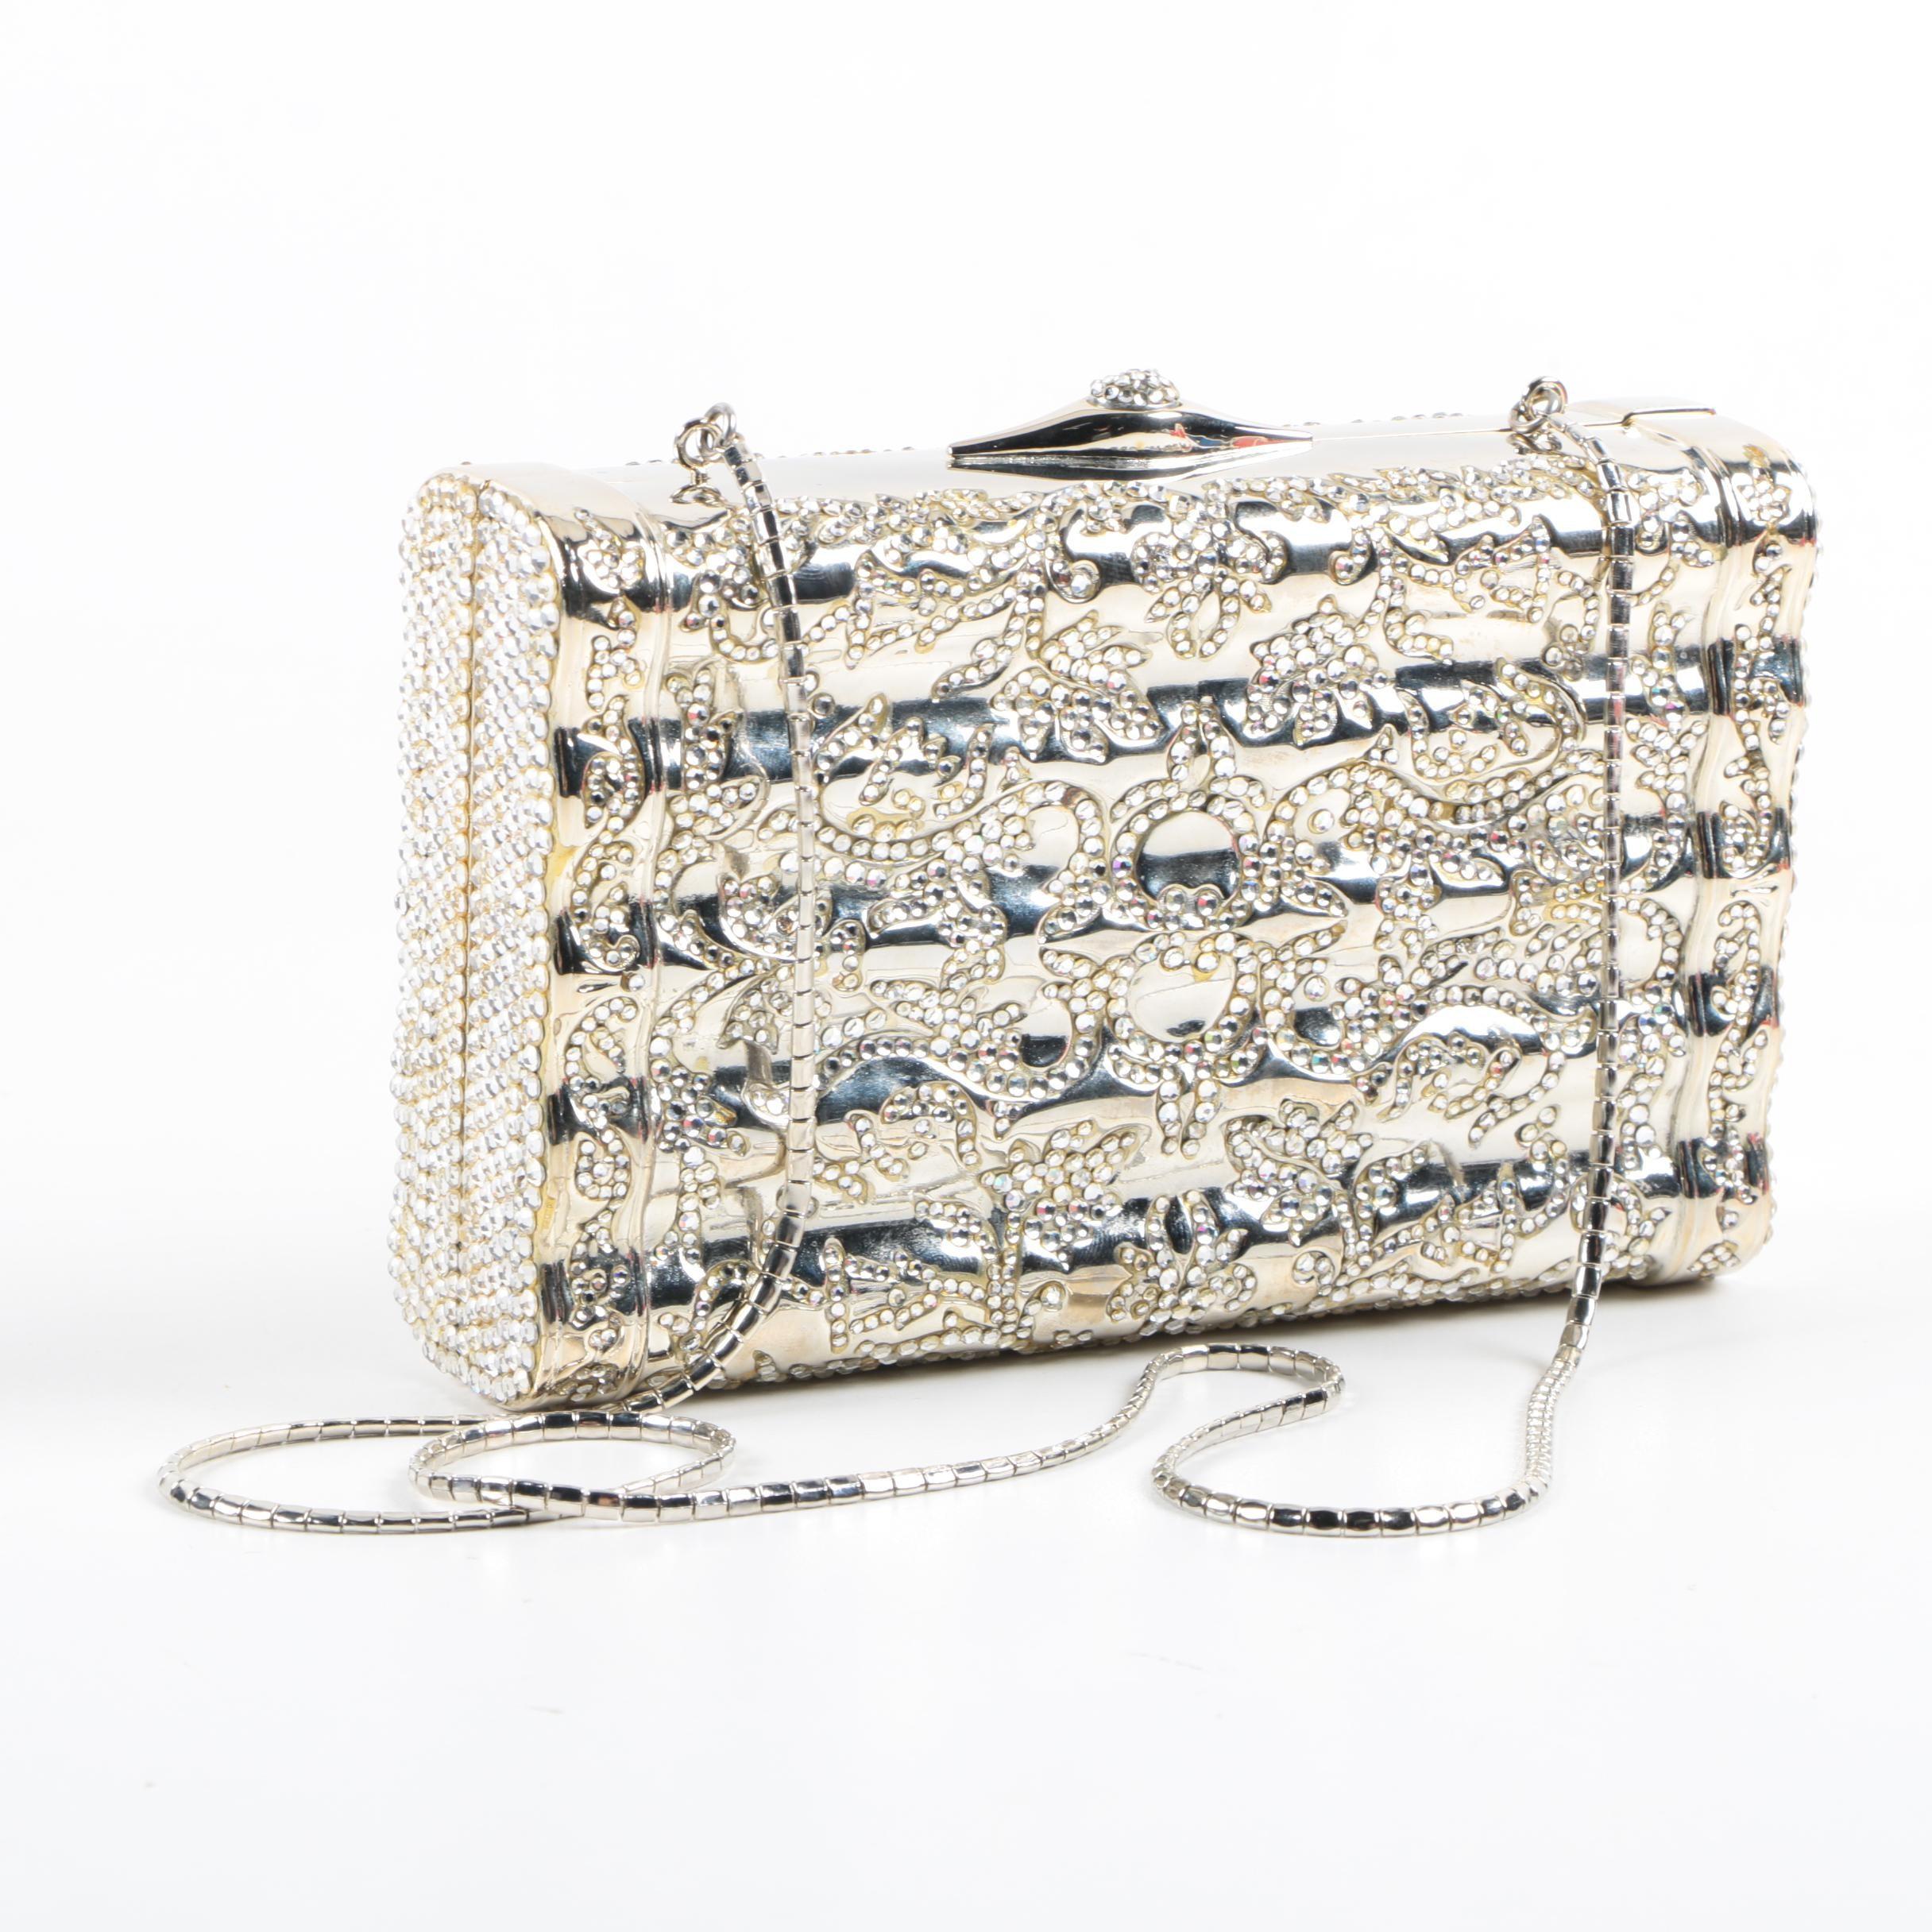 Judith Leiber Crystal Rhinestone Clutch Handbag